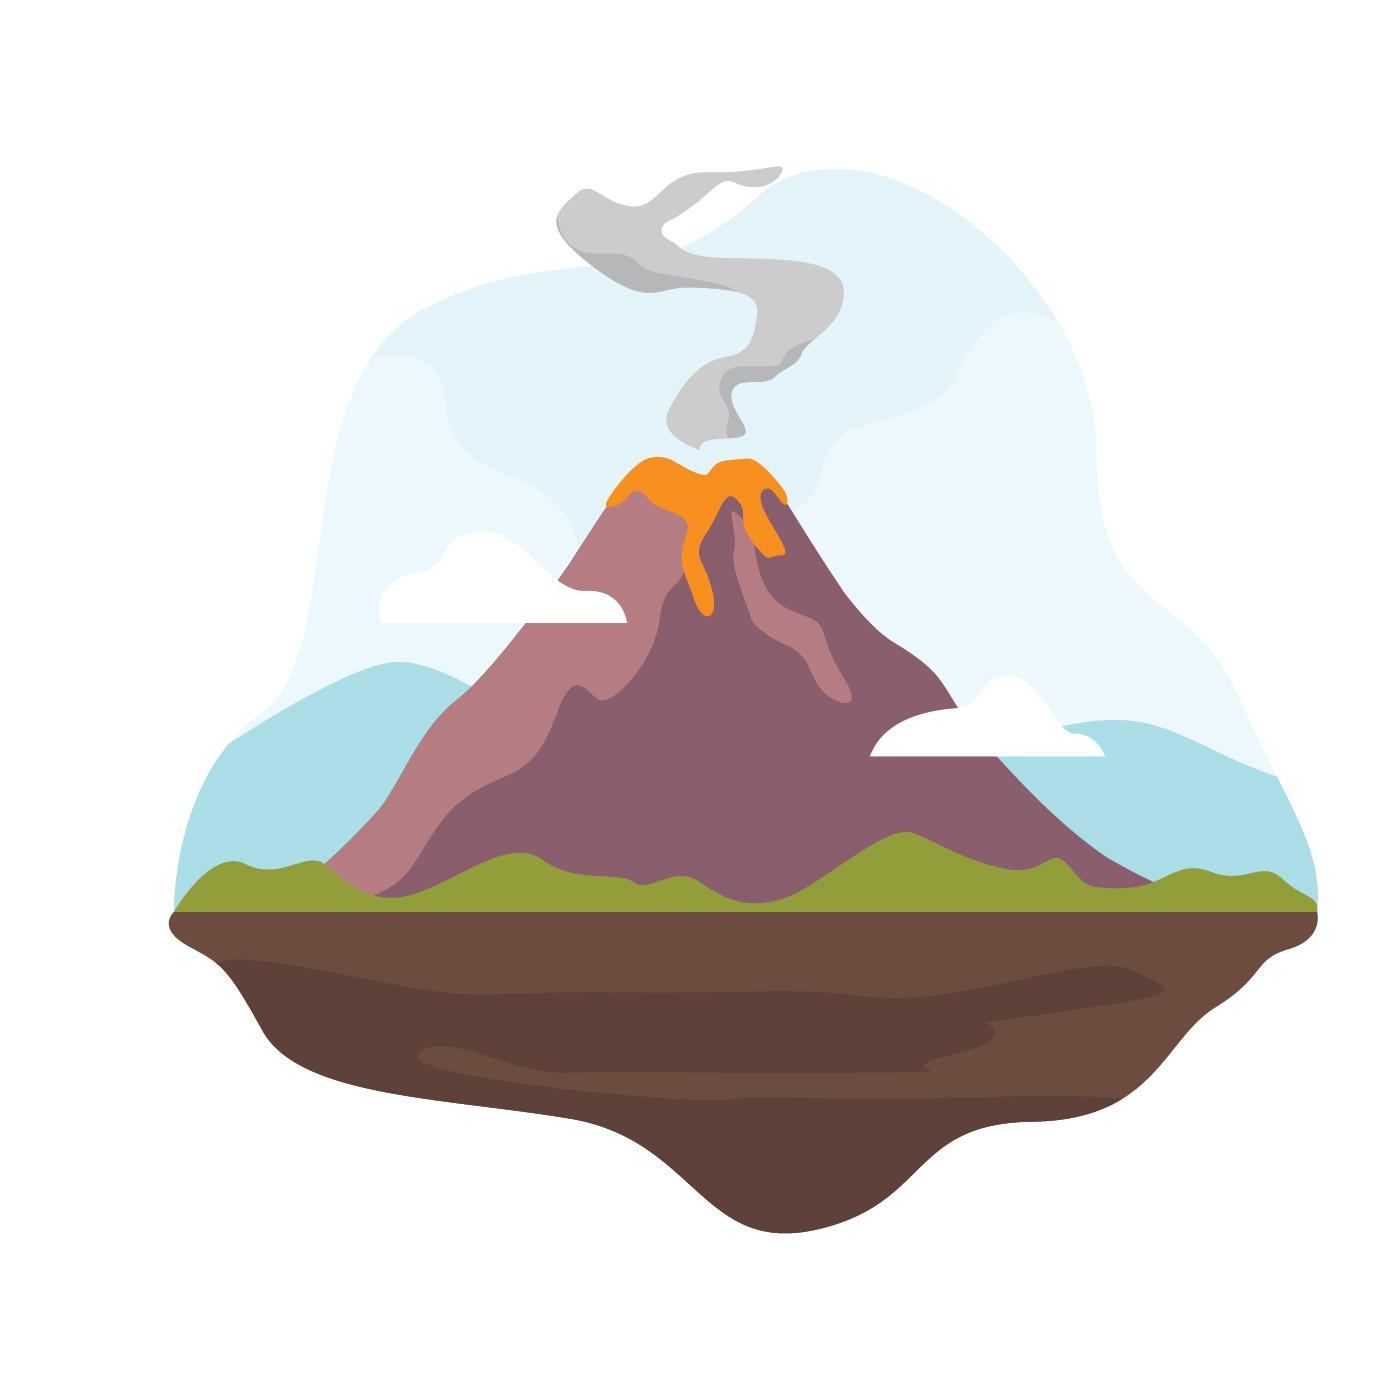 Volcano Free Vector Art 10 519 Free Downloads